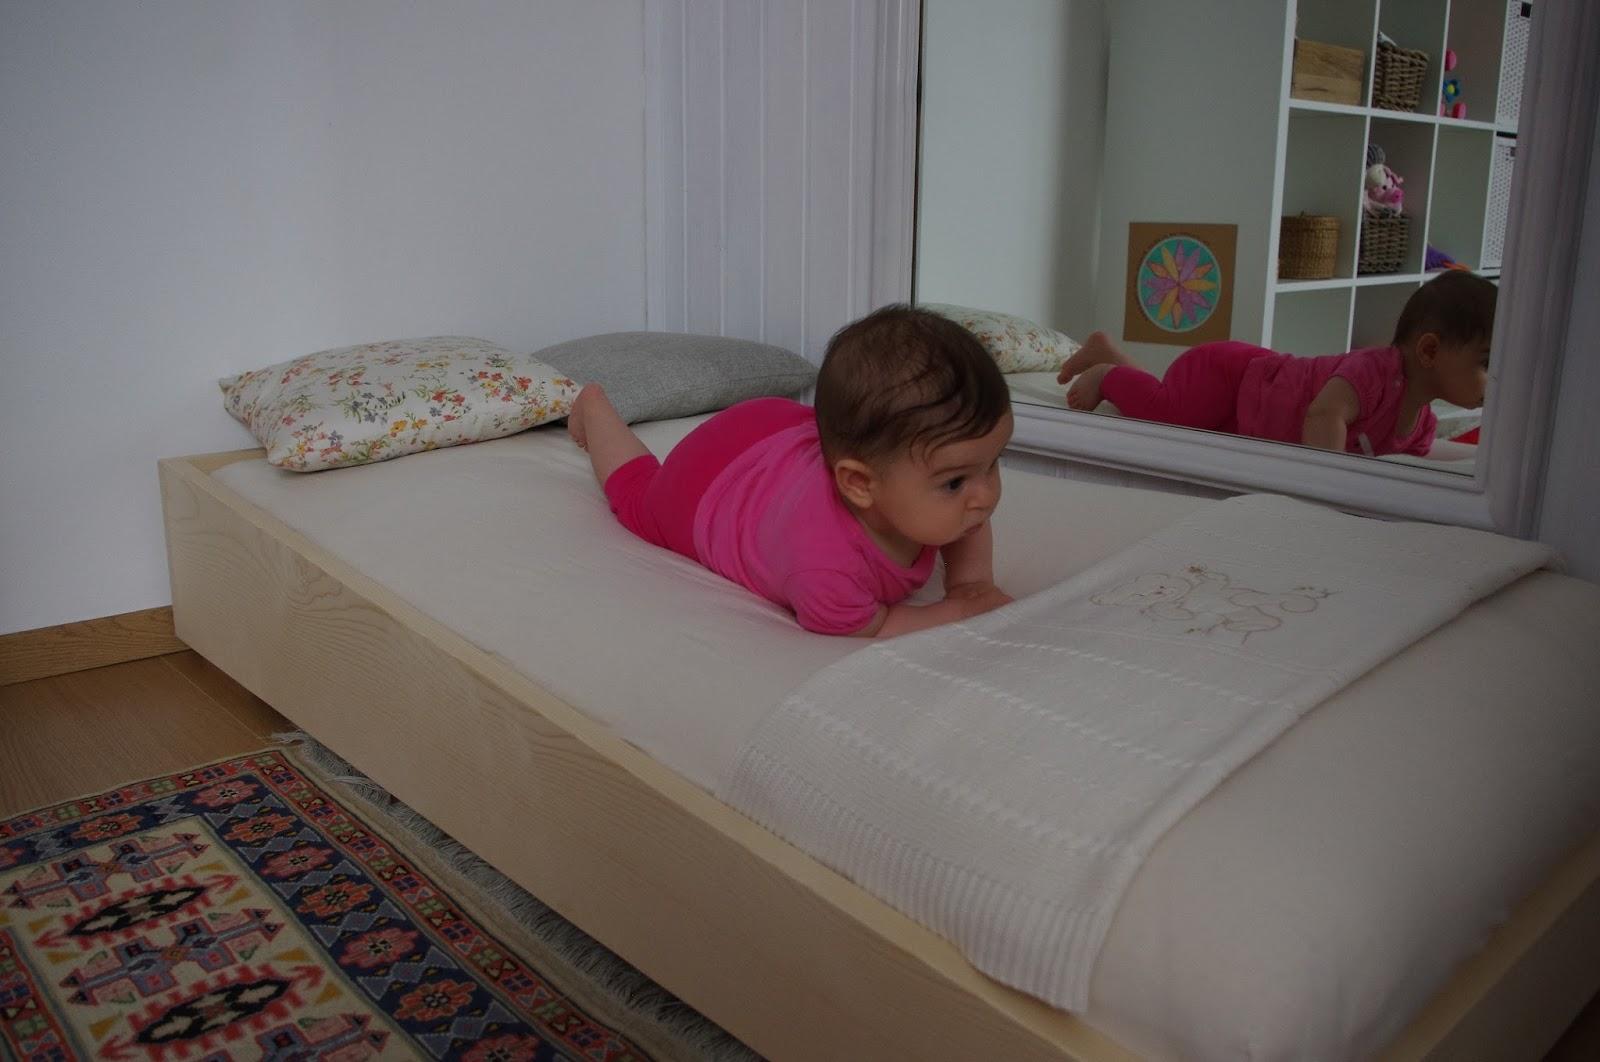 Sono Passati Alcuni Mesi Da Quando Avevamo Progettato La Cameretta In Questo Post Secondo Montessori 2 Consigli Pratici Ridisegnandola